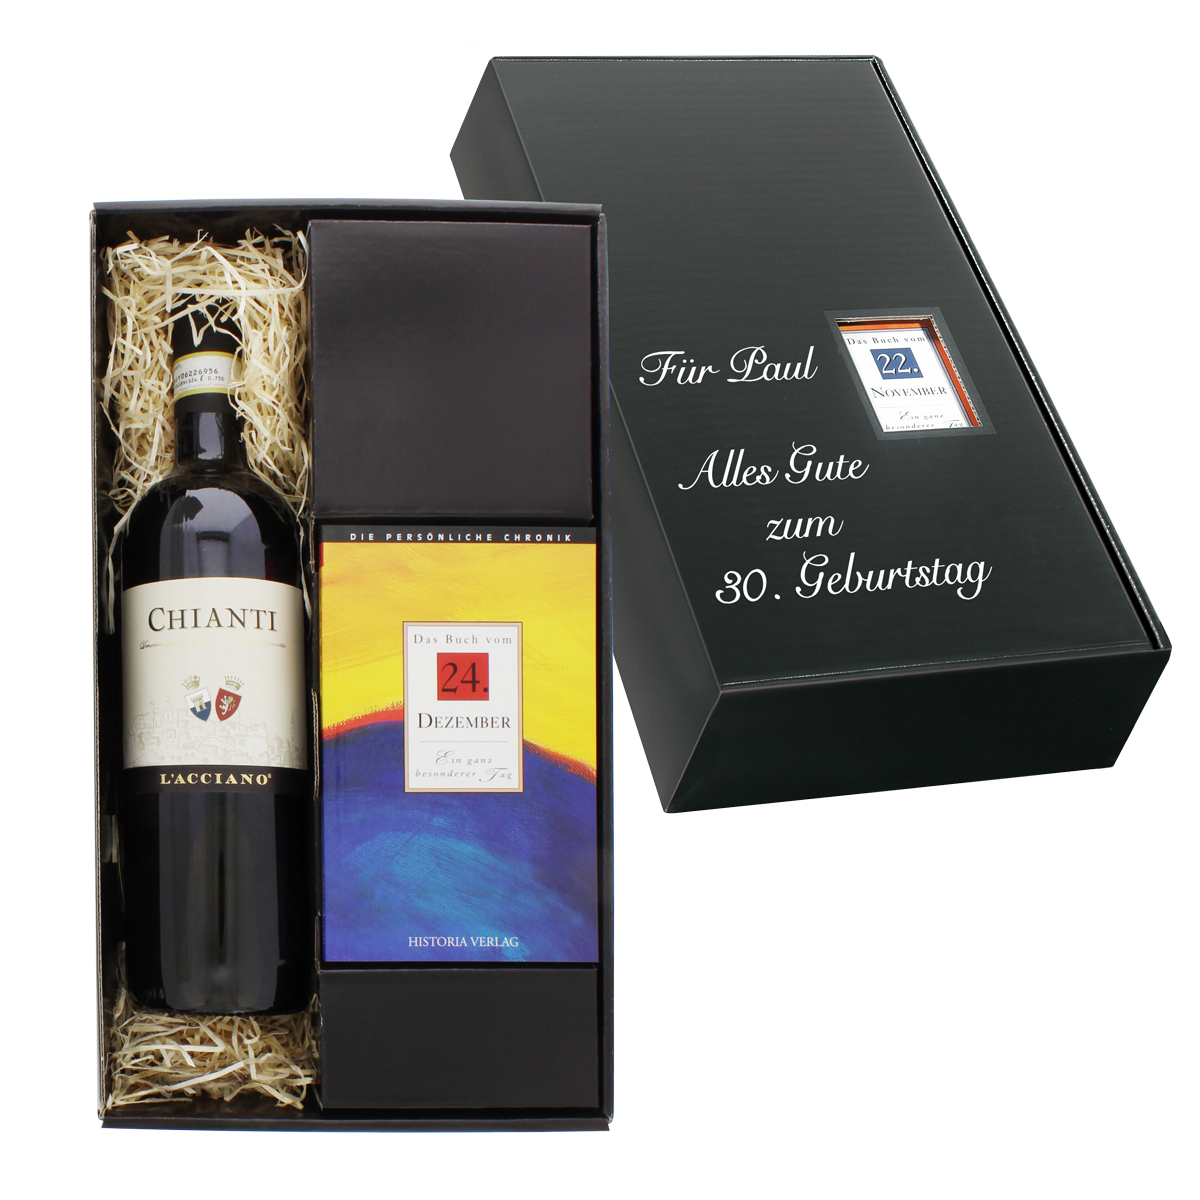 Italien-Set: Tageschronik vom 1. Februar & Chianti-Wein